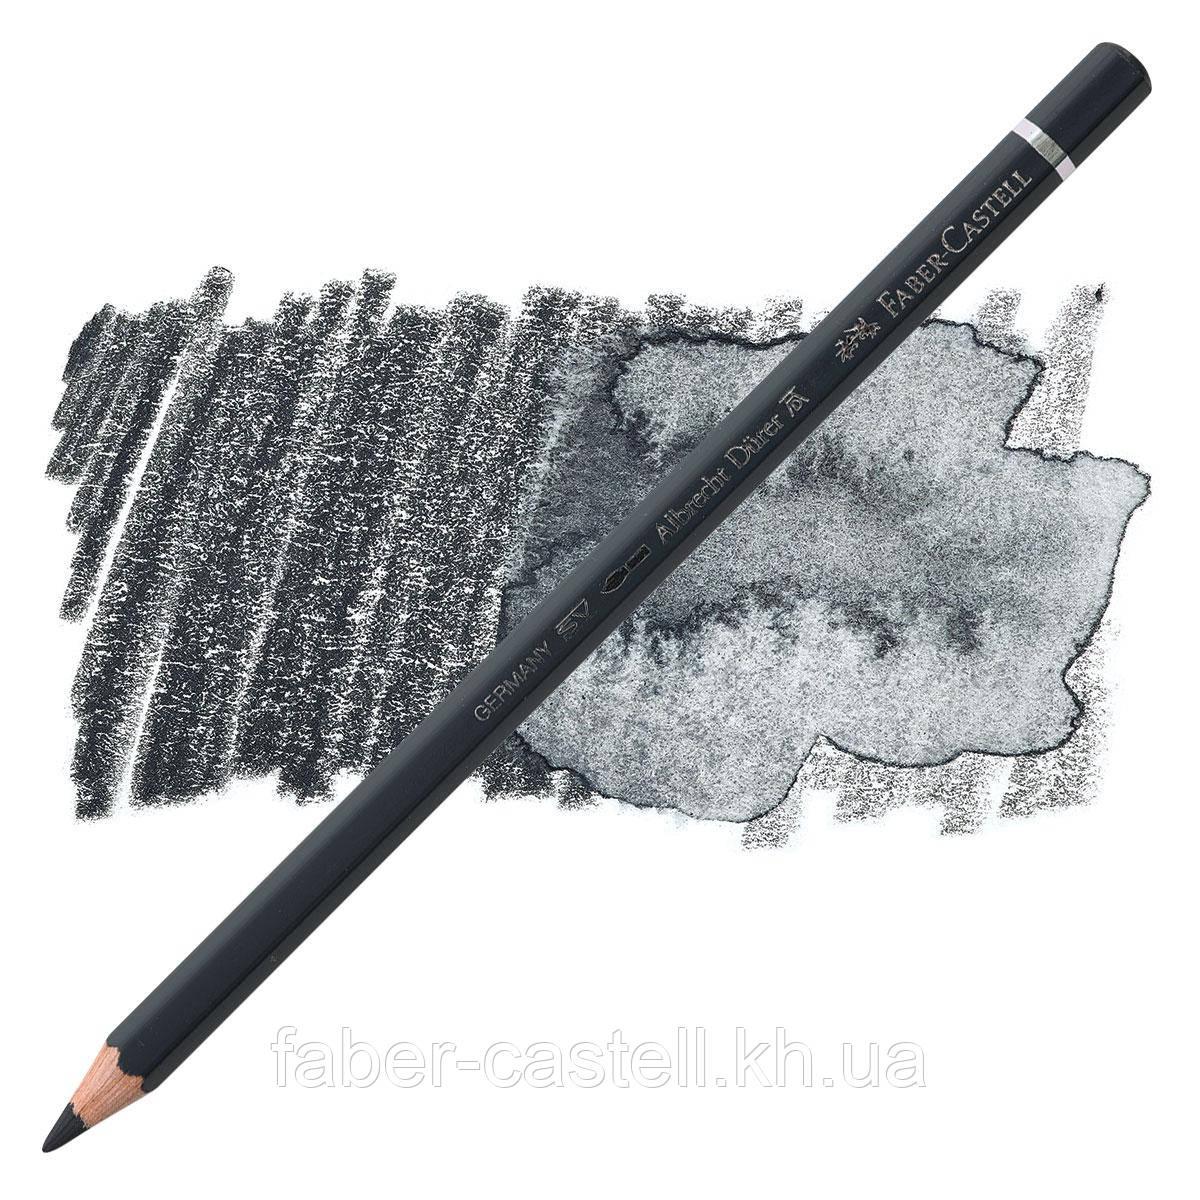 Олівець акварельний кольоровий Faber-Castell Albrecht Дюрера сірий пейн (Paynes Gray) №181, 117681